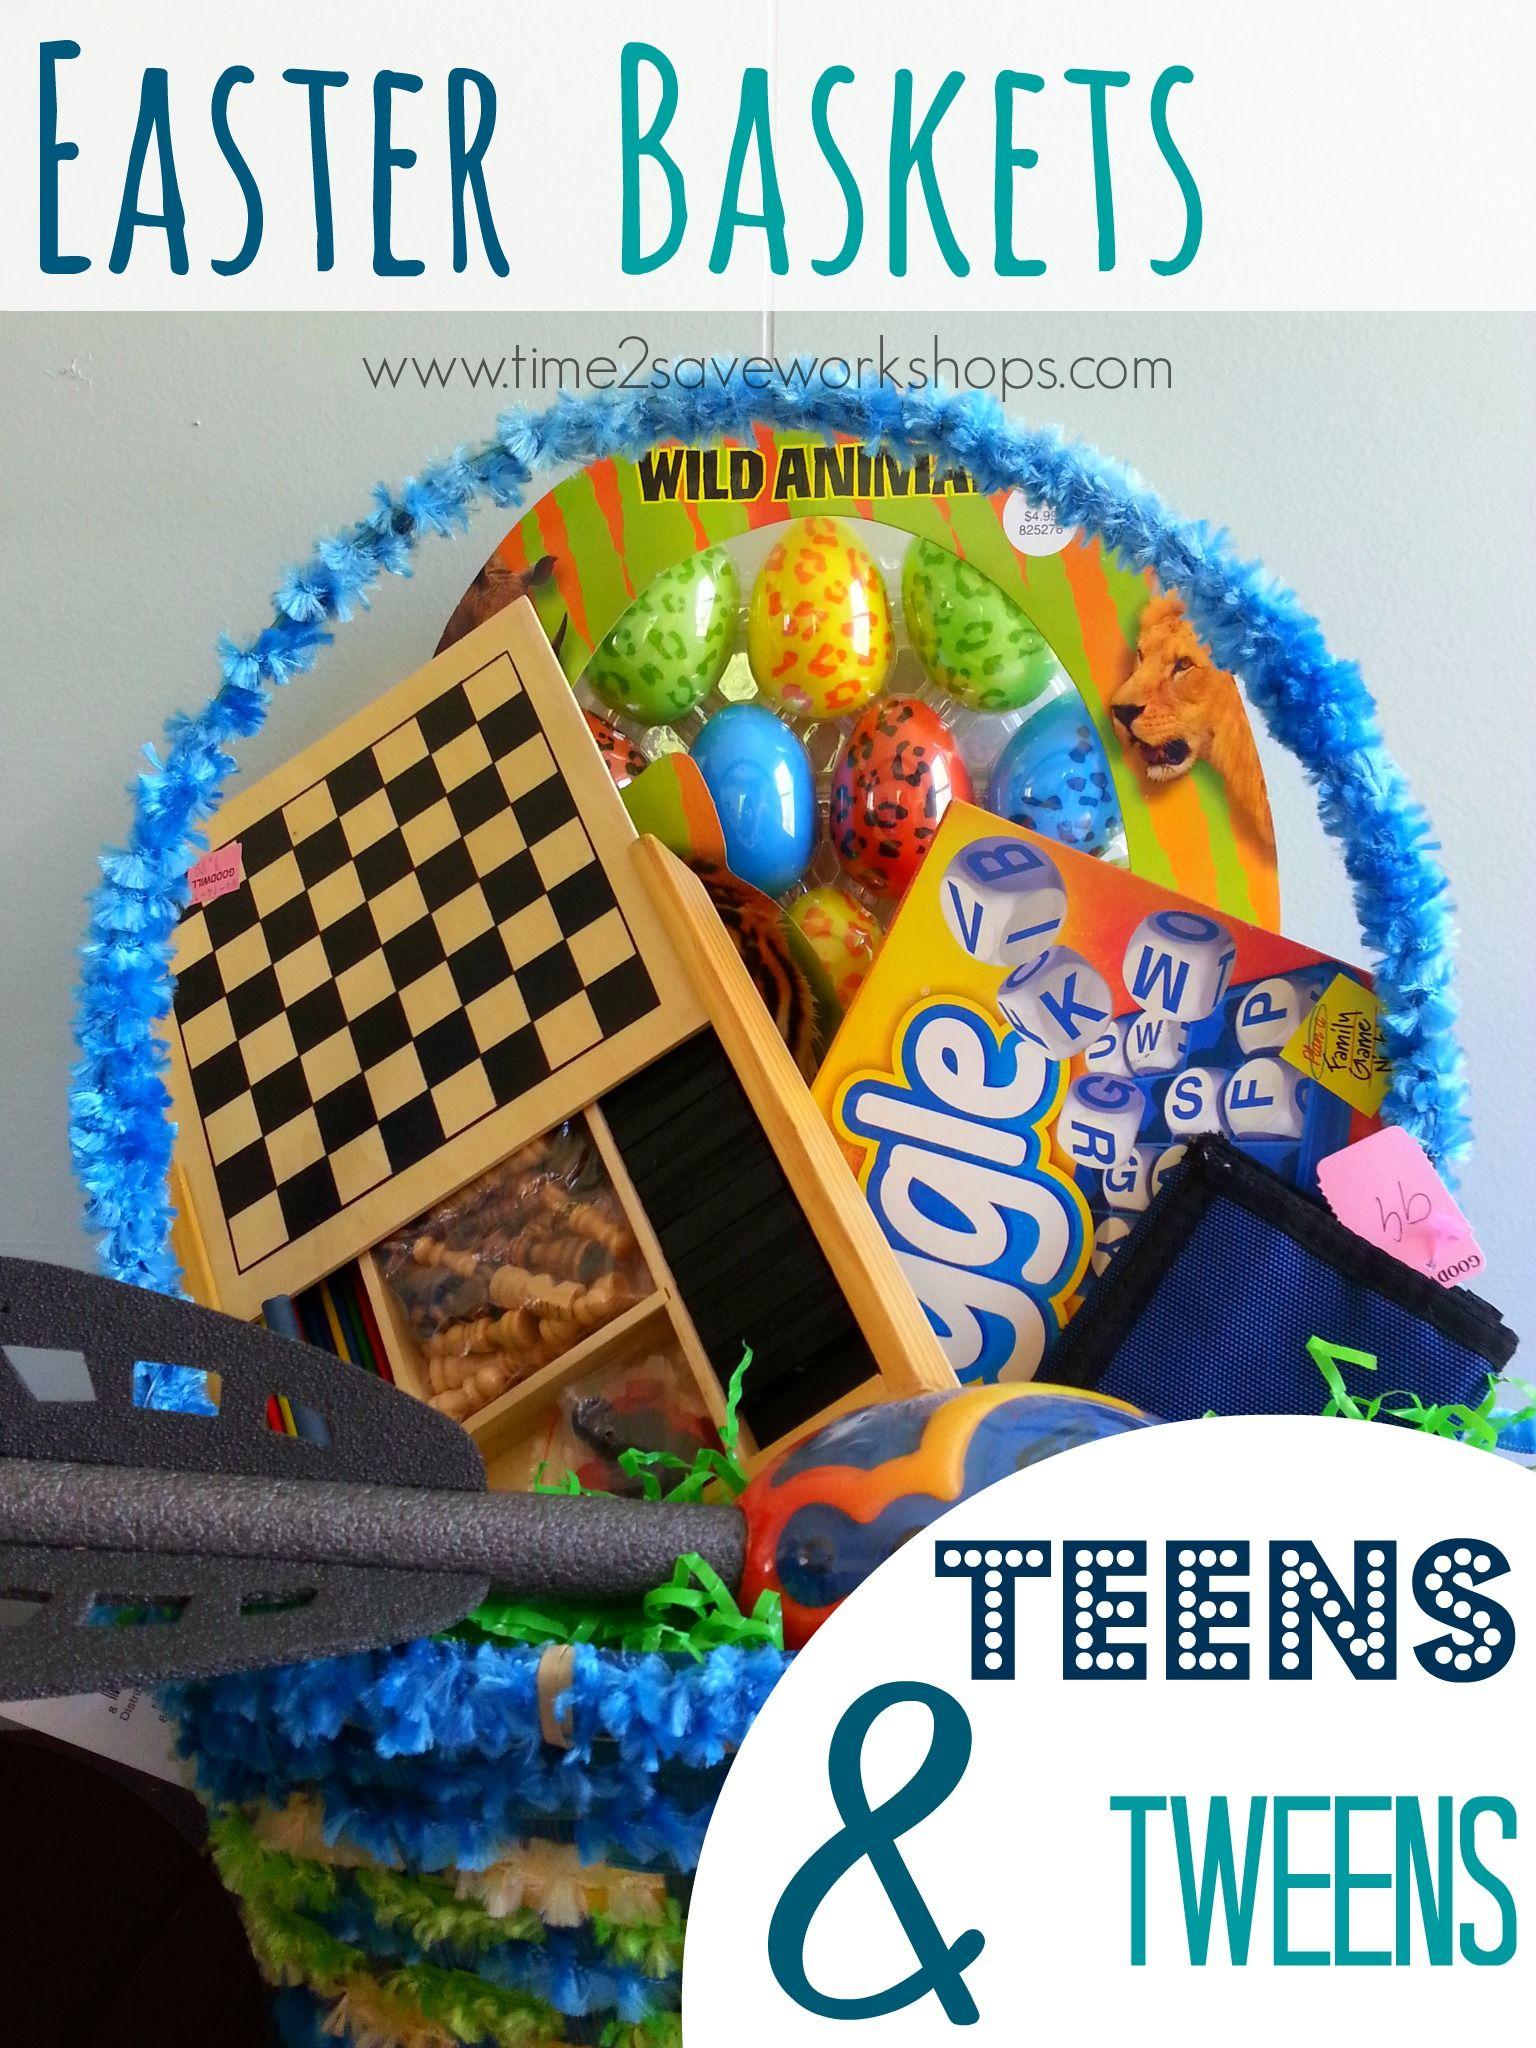 Easter baskets for teens tweens tween frugal and teen easter baskets for teens tweens negle Image collections